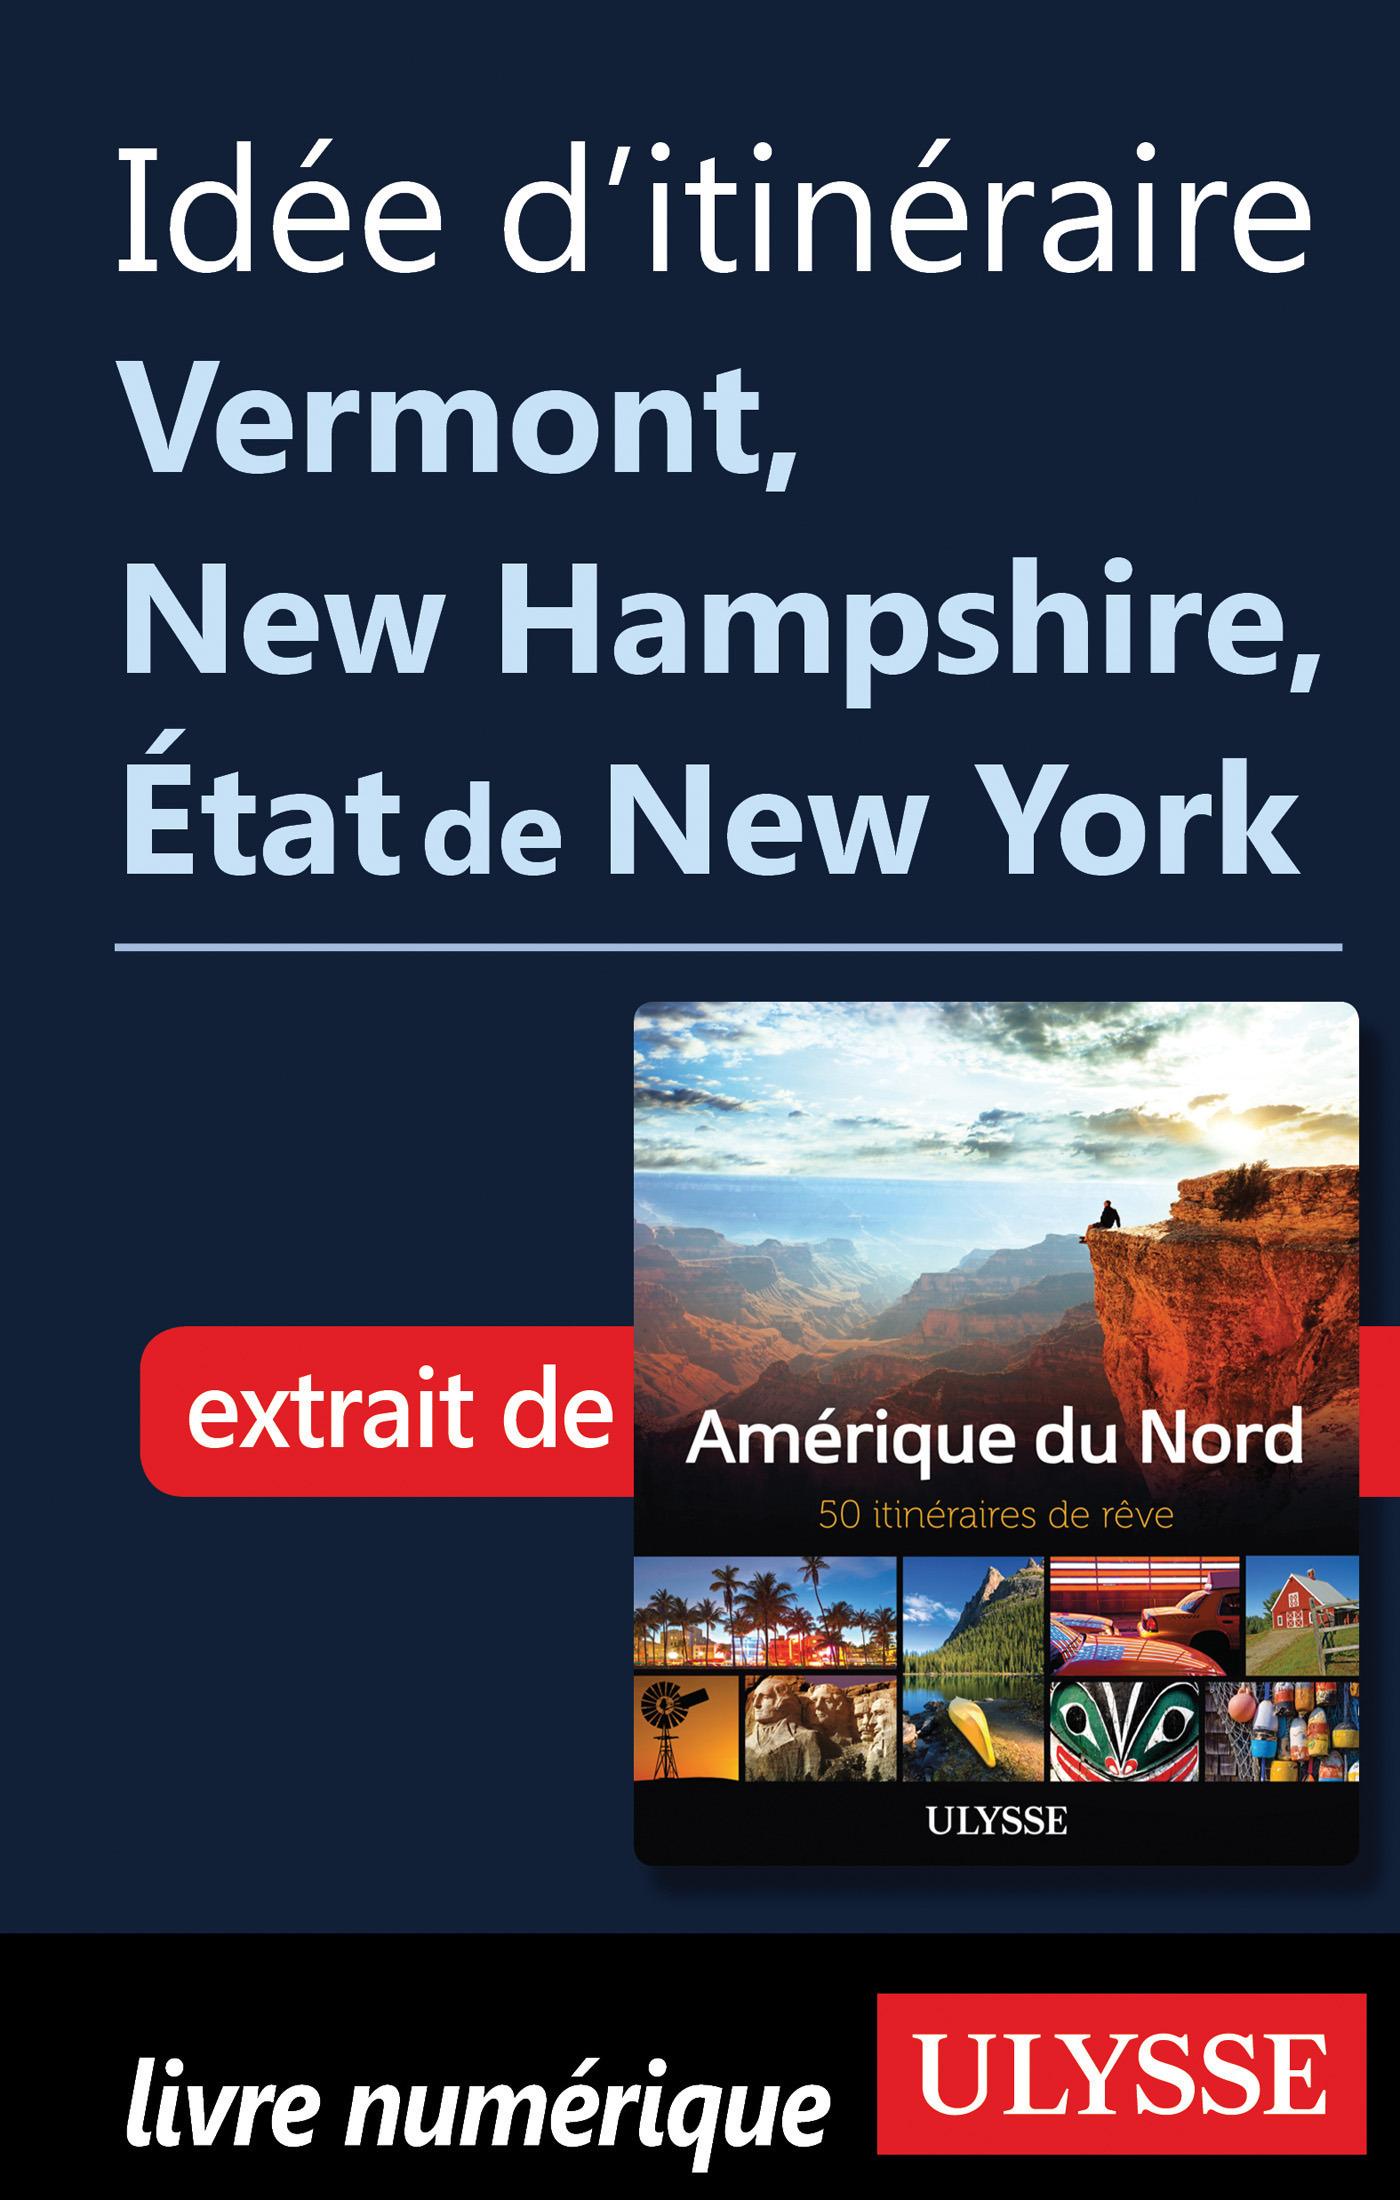 Idée d'itinéraire - Vermont, New Hampshire, Etat de New York